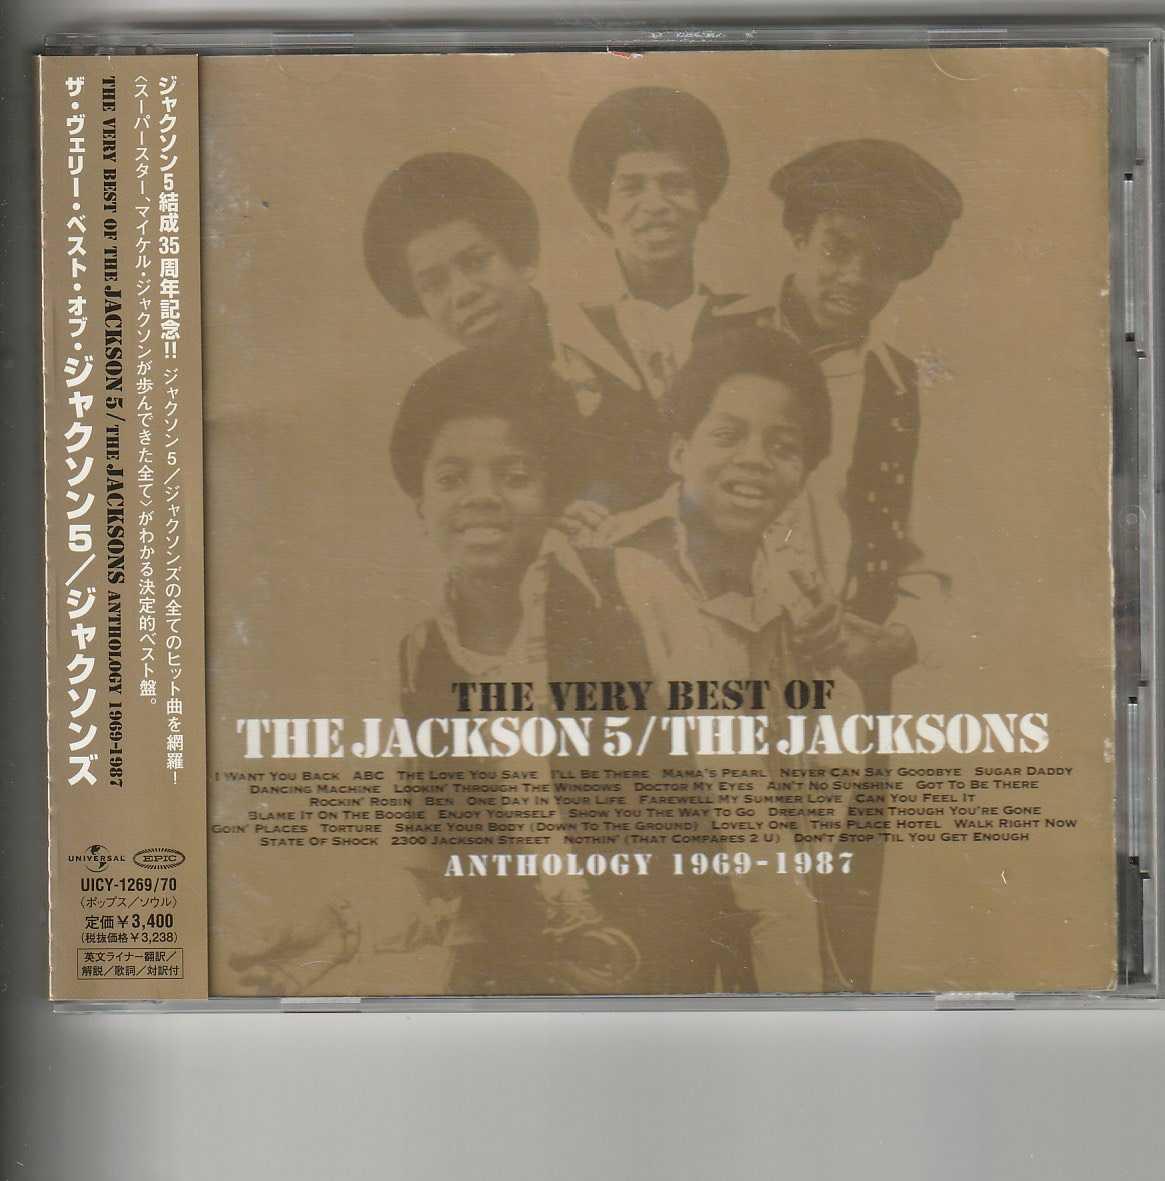 国内盤「THE VERY BEST OF THE JACKSON 5/THE JACKSONS ANTHOLOGY 1969-1987」ジャクソン5